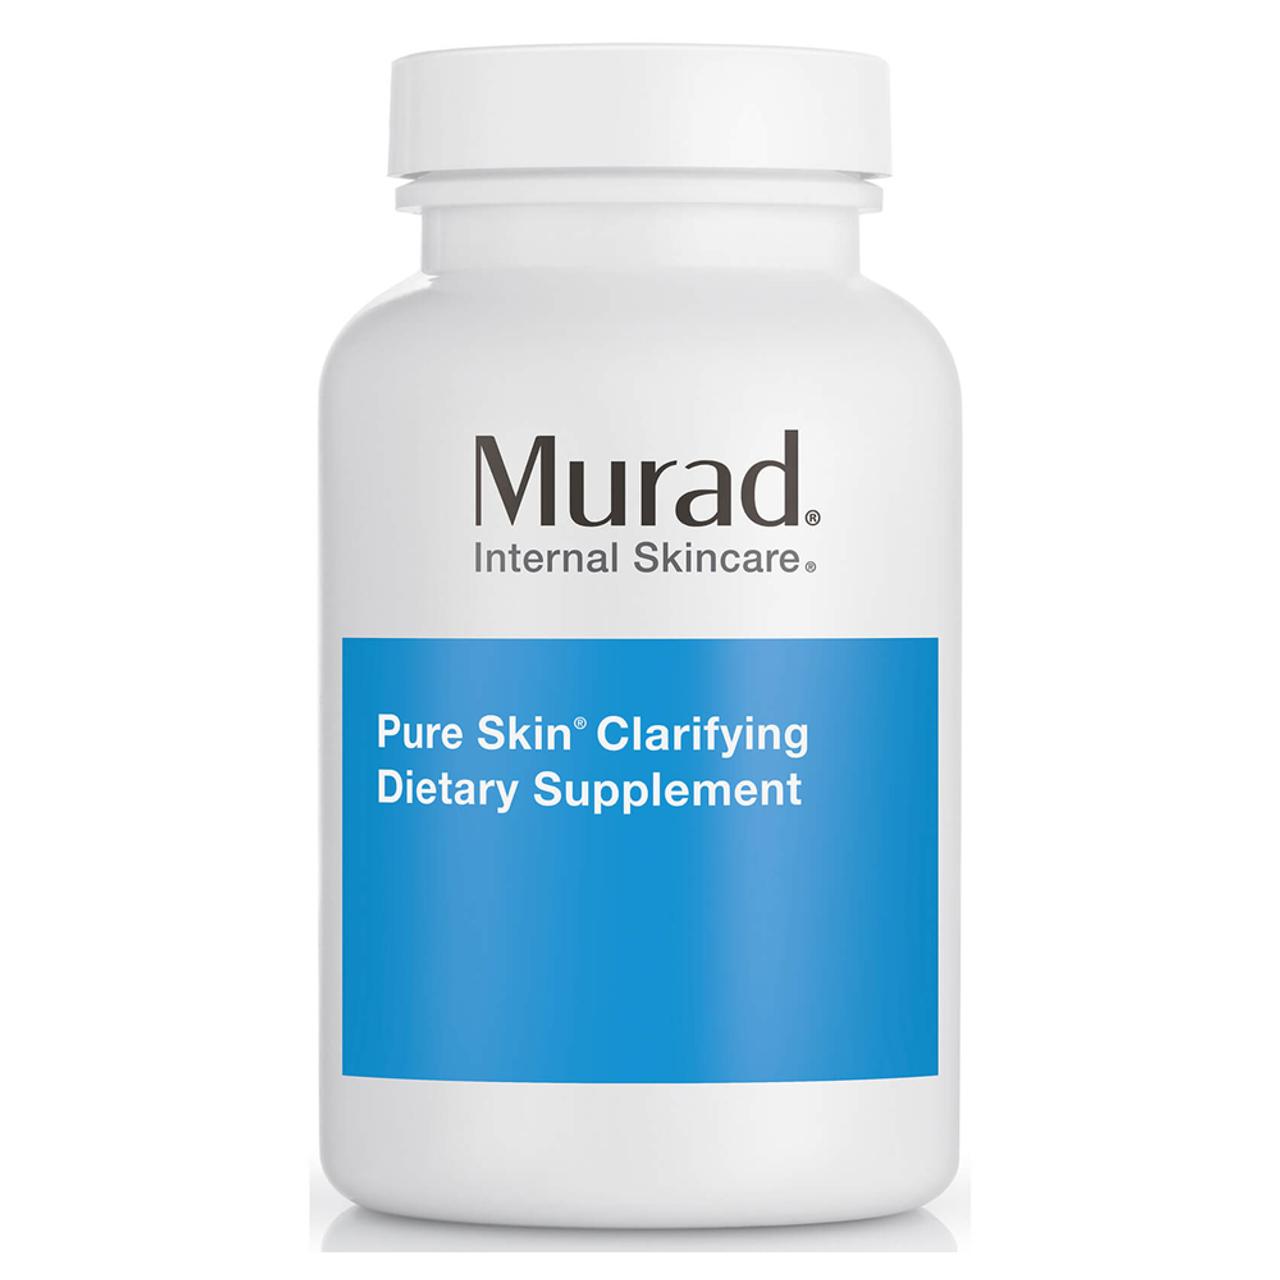 Murad Pure Skin Clarifying Dietary Supplement 120 Cnt.